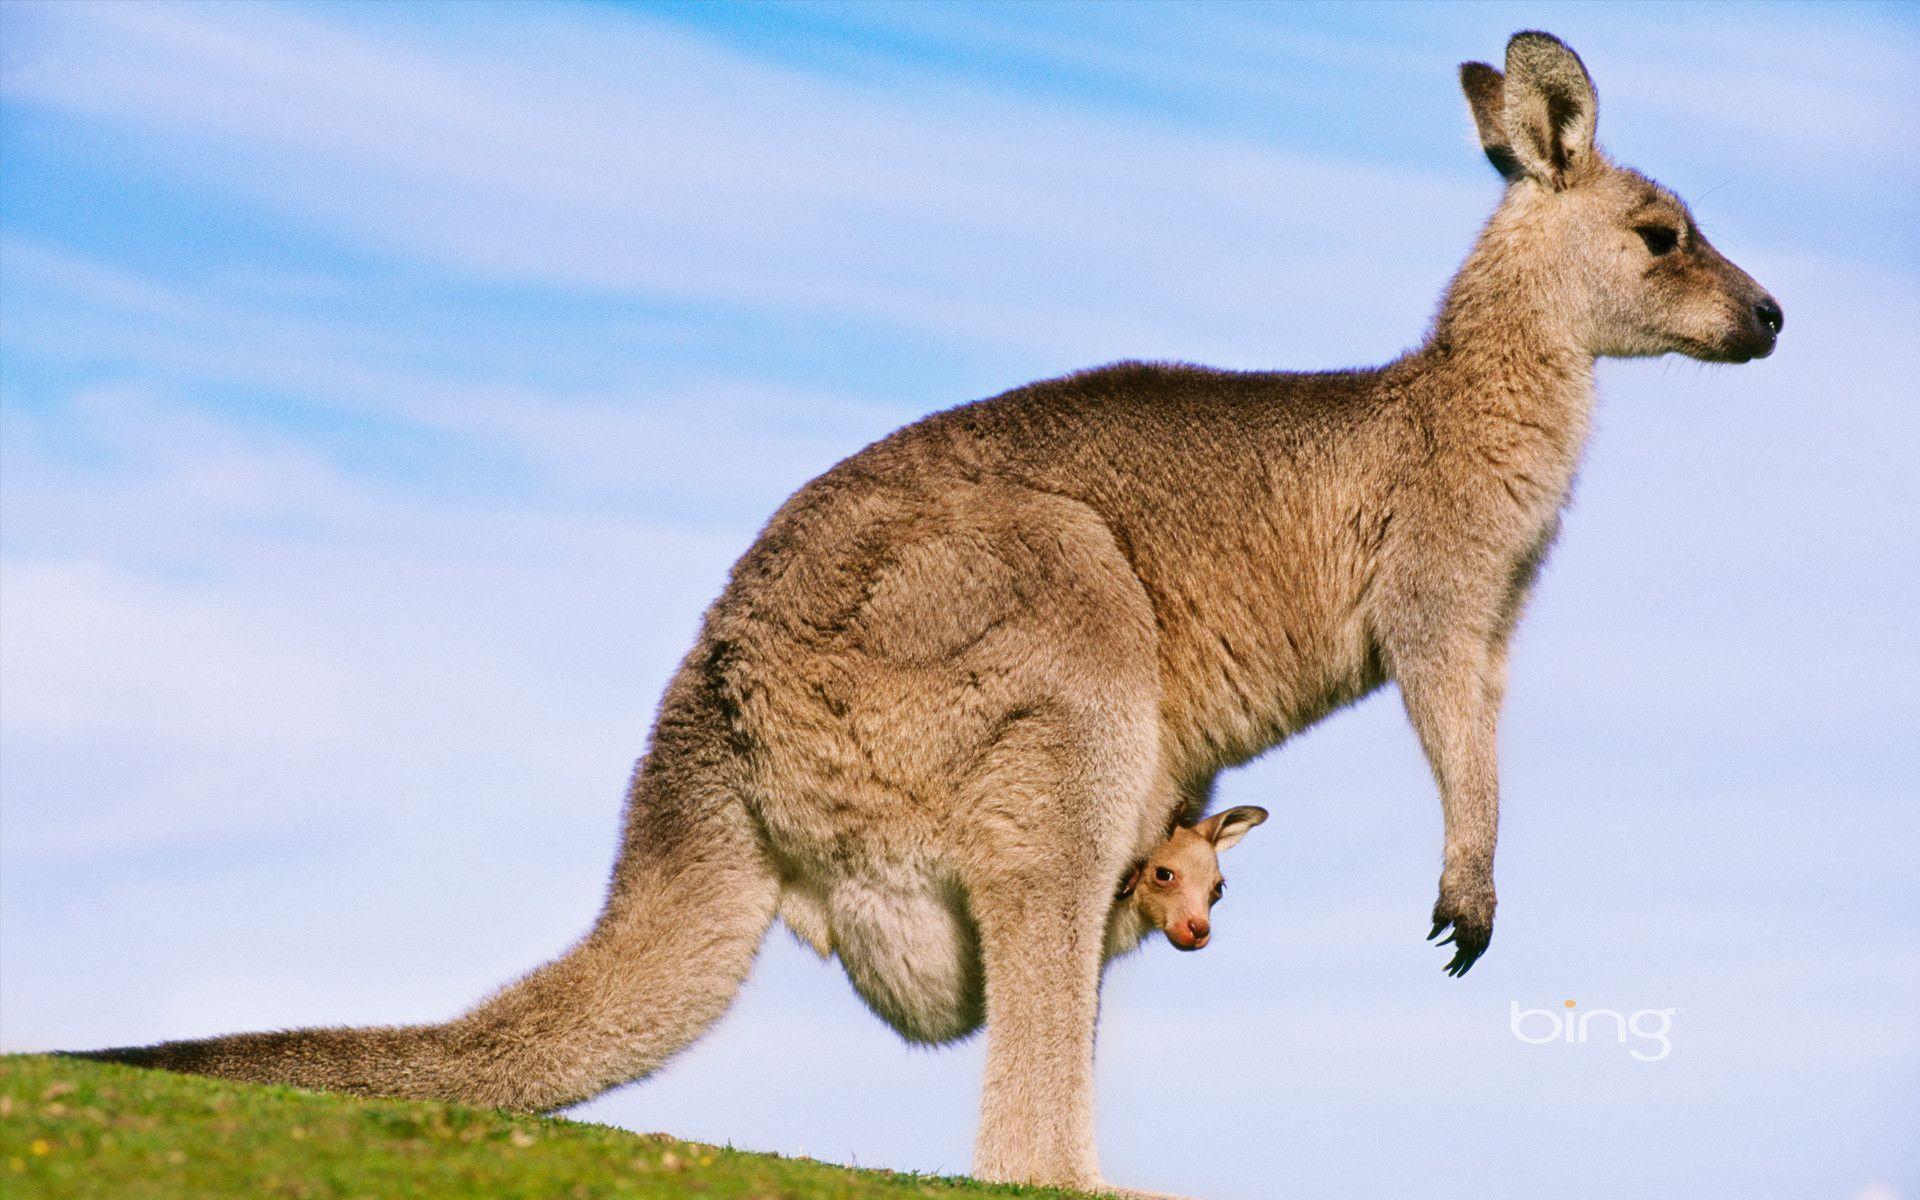 kangaroo with joey - Australian Joey's Wallpaper (29127952) - Fanpop